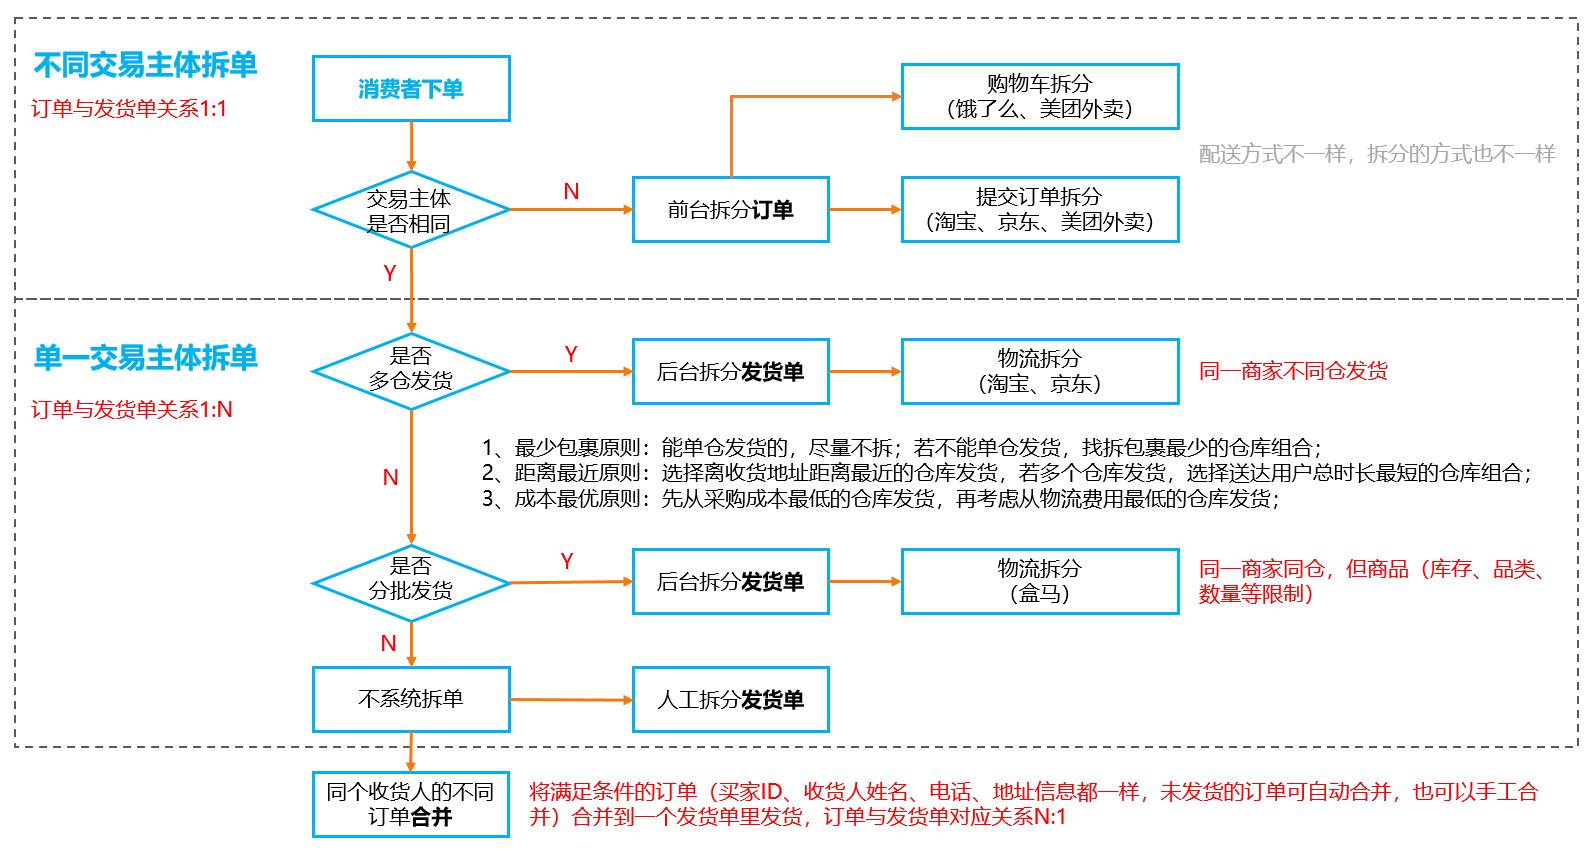 一幅图帮你搞懂订单的拆分与合并